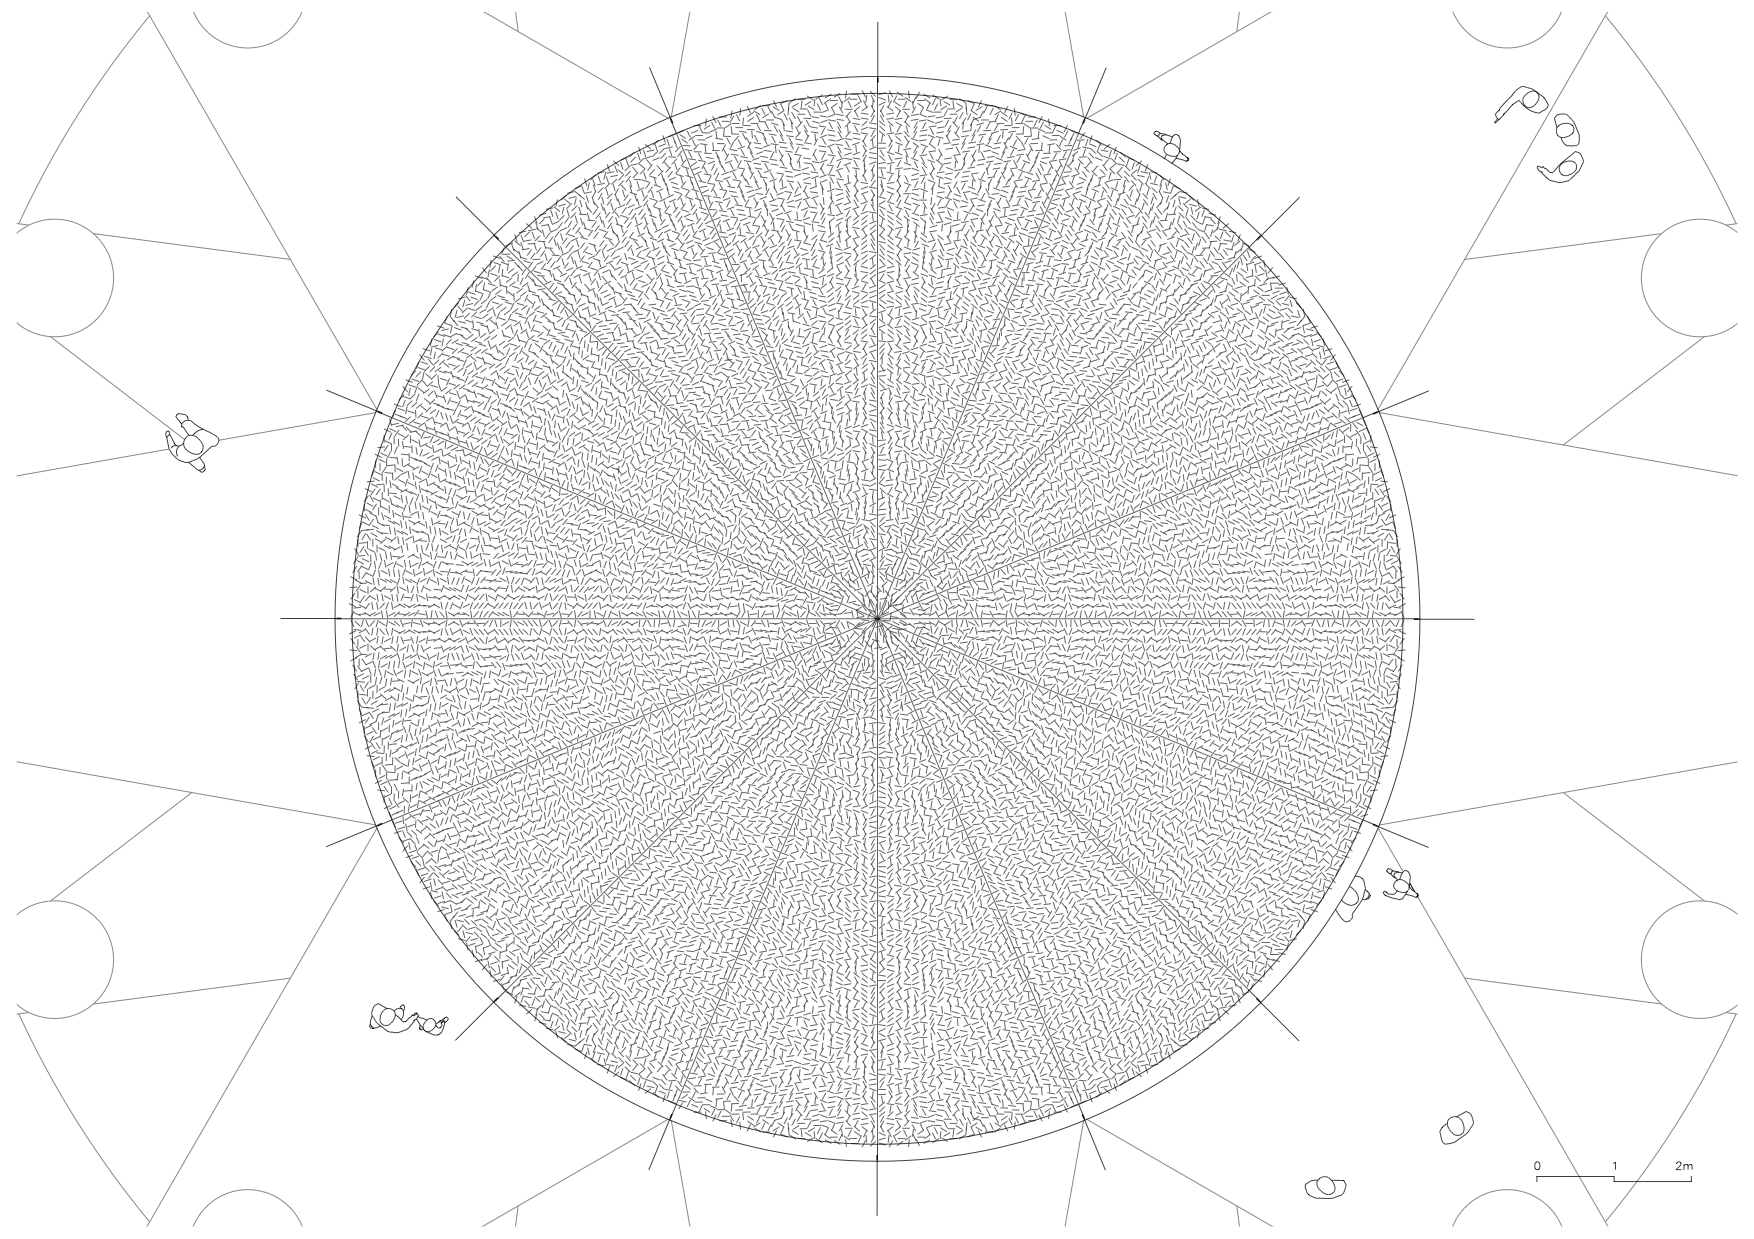 〔안정원의 디자인 칼럼〕 원형 직물 구조물이 연출하는 환상적이고 추상적인 세계 2